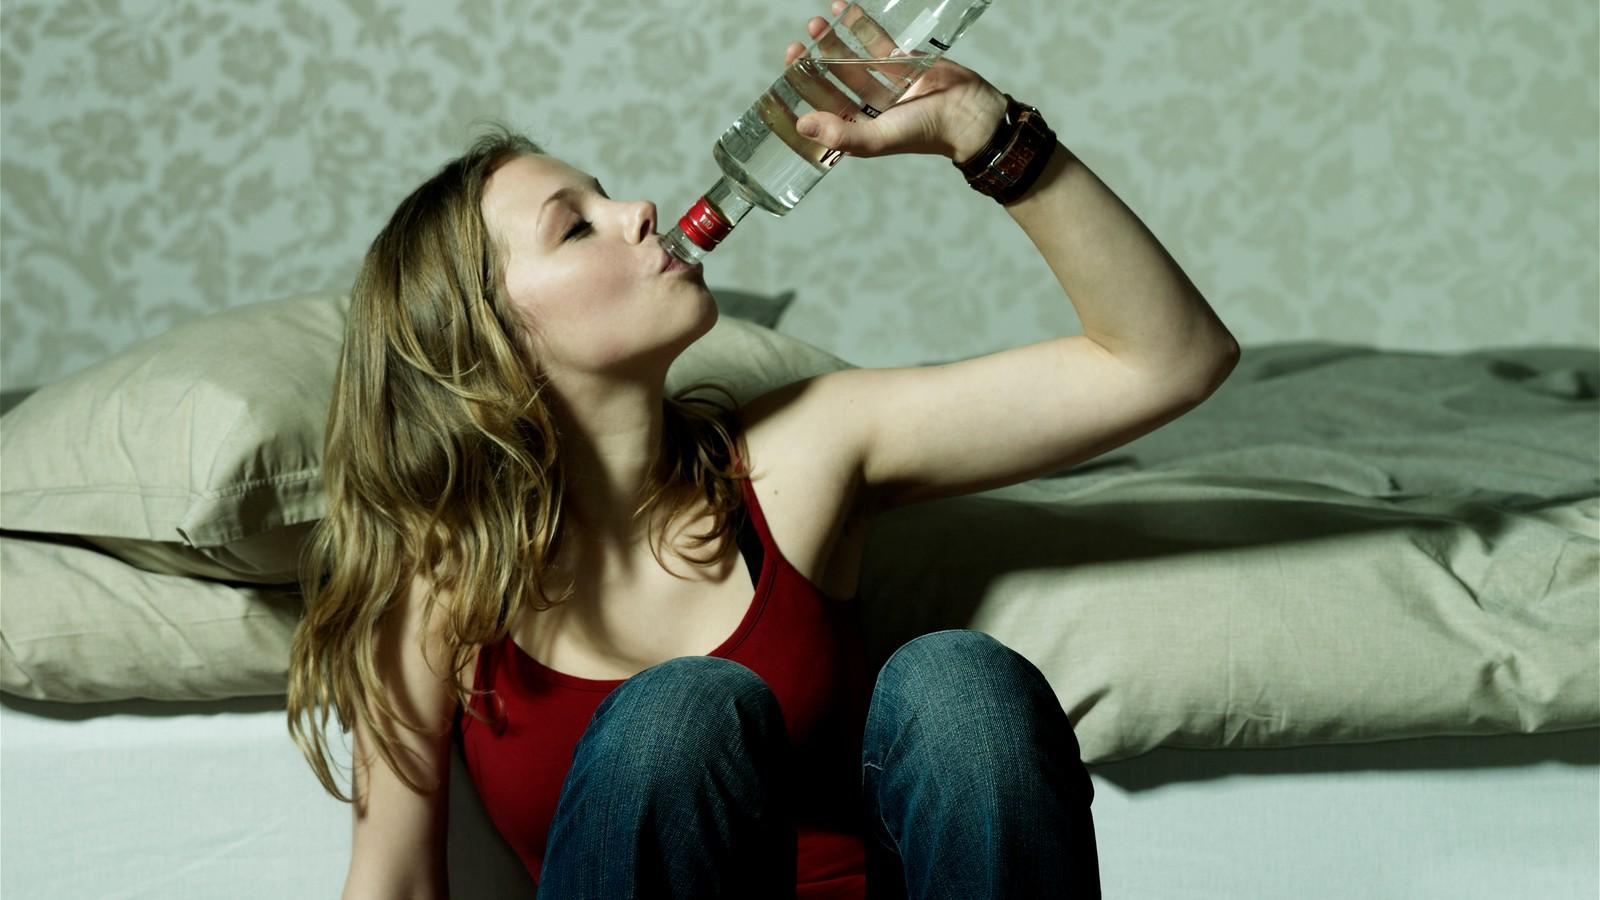 alcoholism-girl-closet-movie